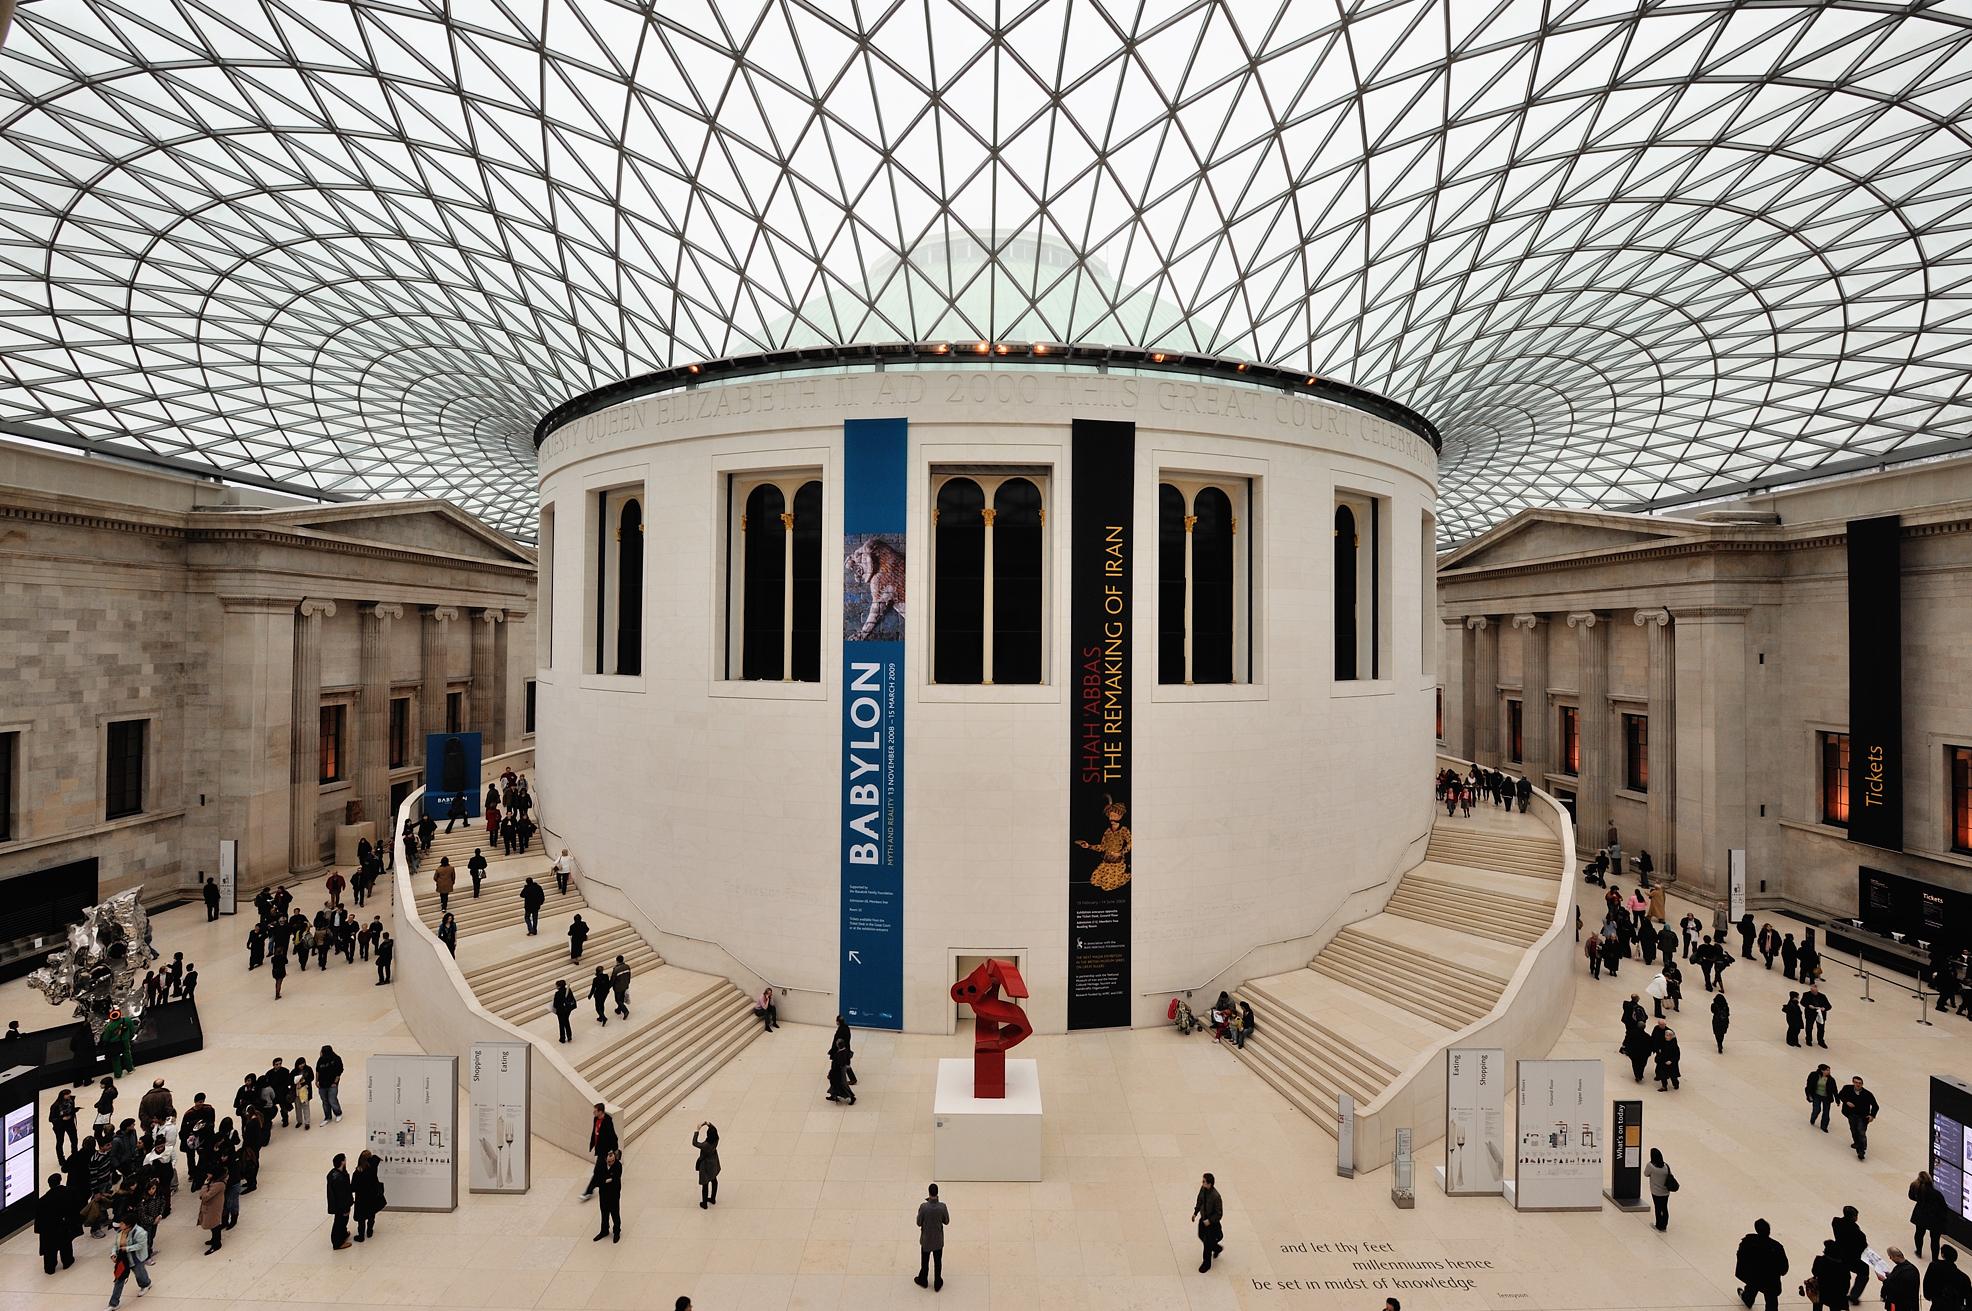 British_Museum_Dome